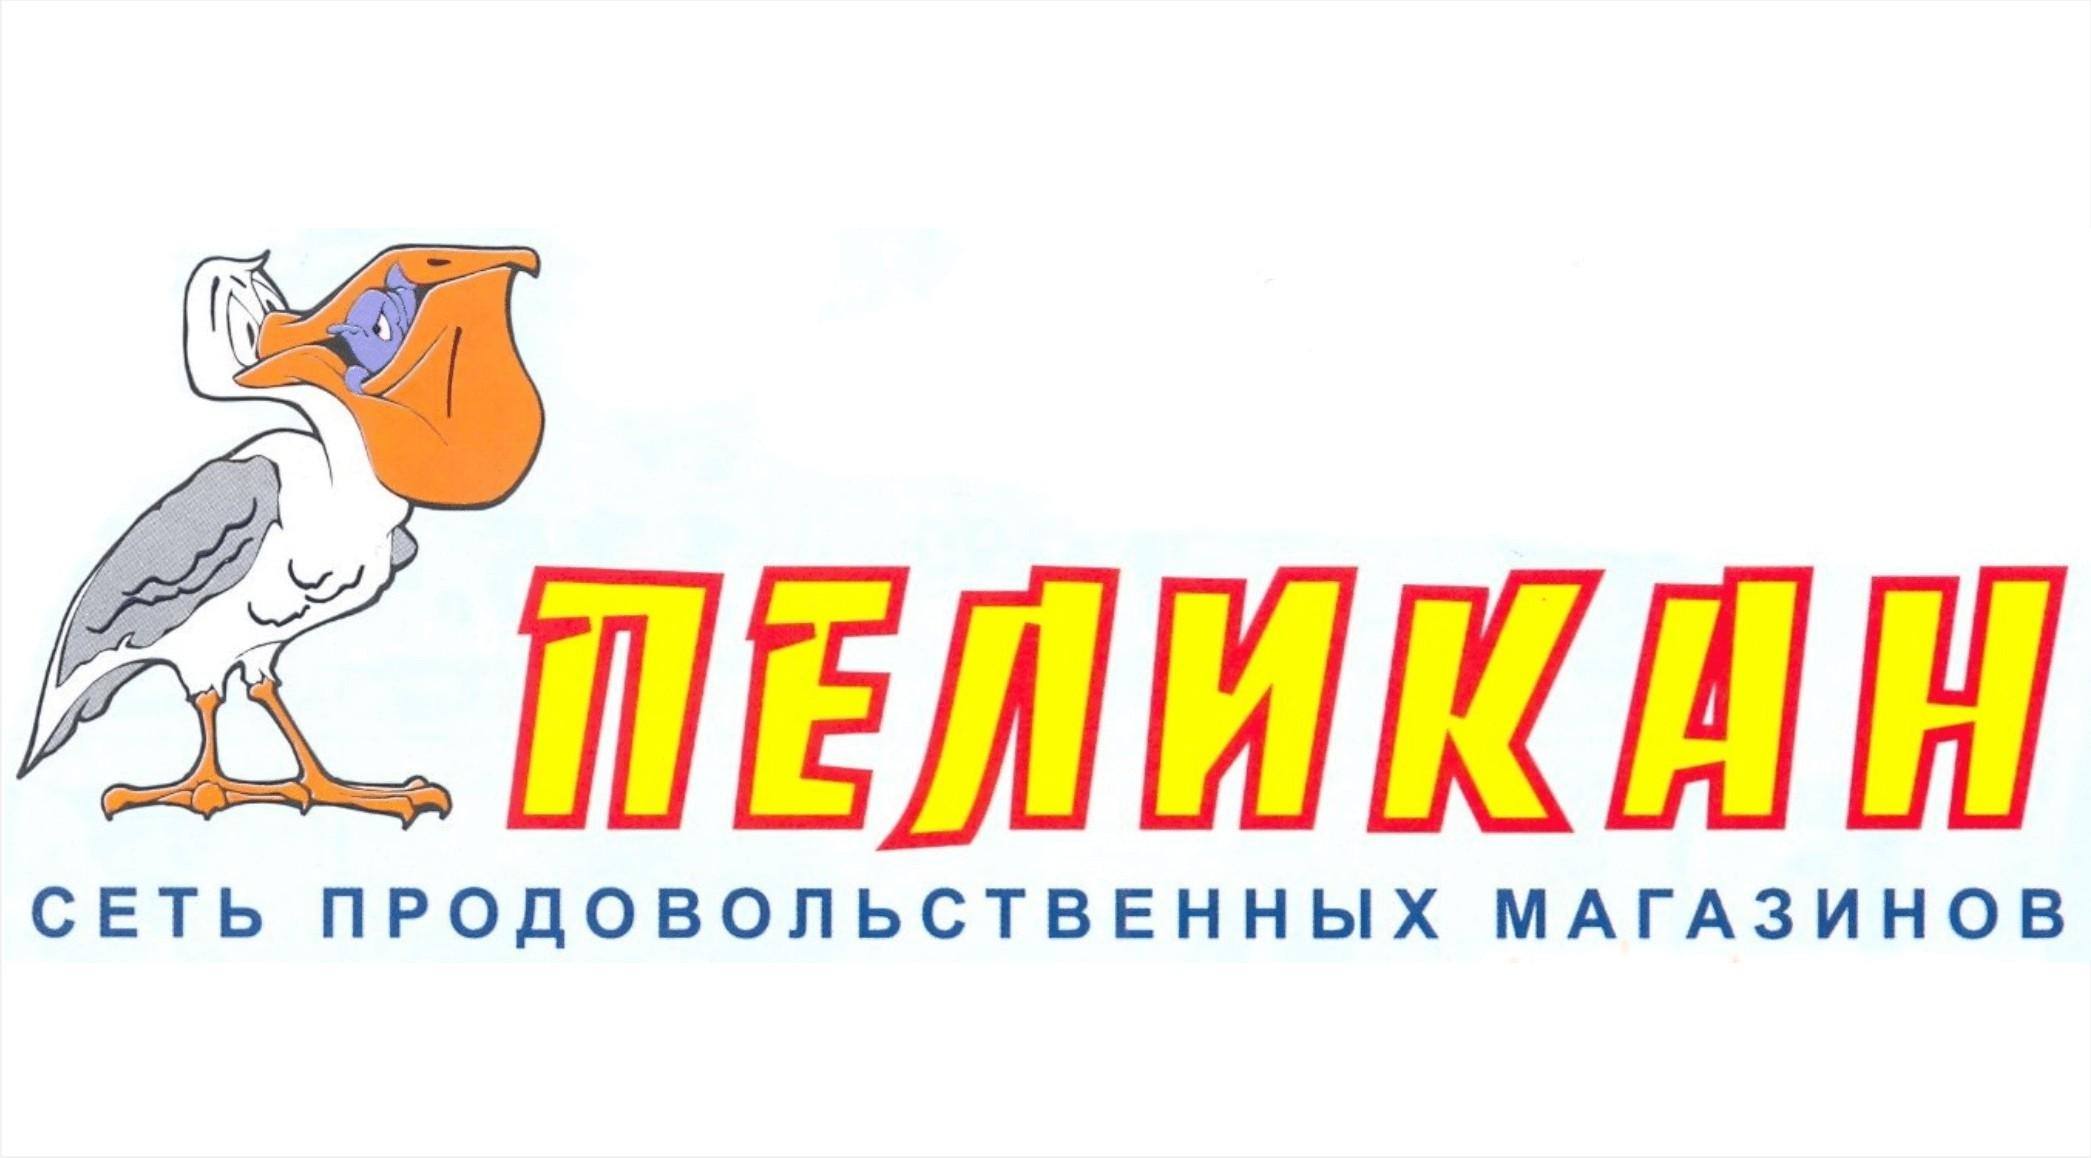 пеликан интернет магазин детской одежды официальный